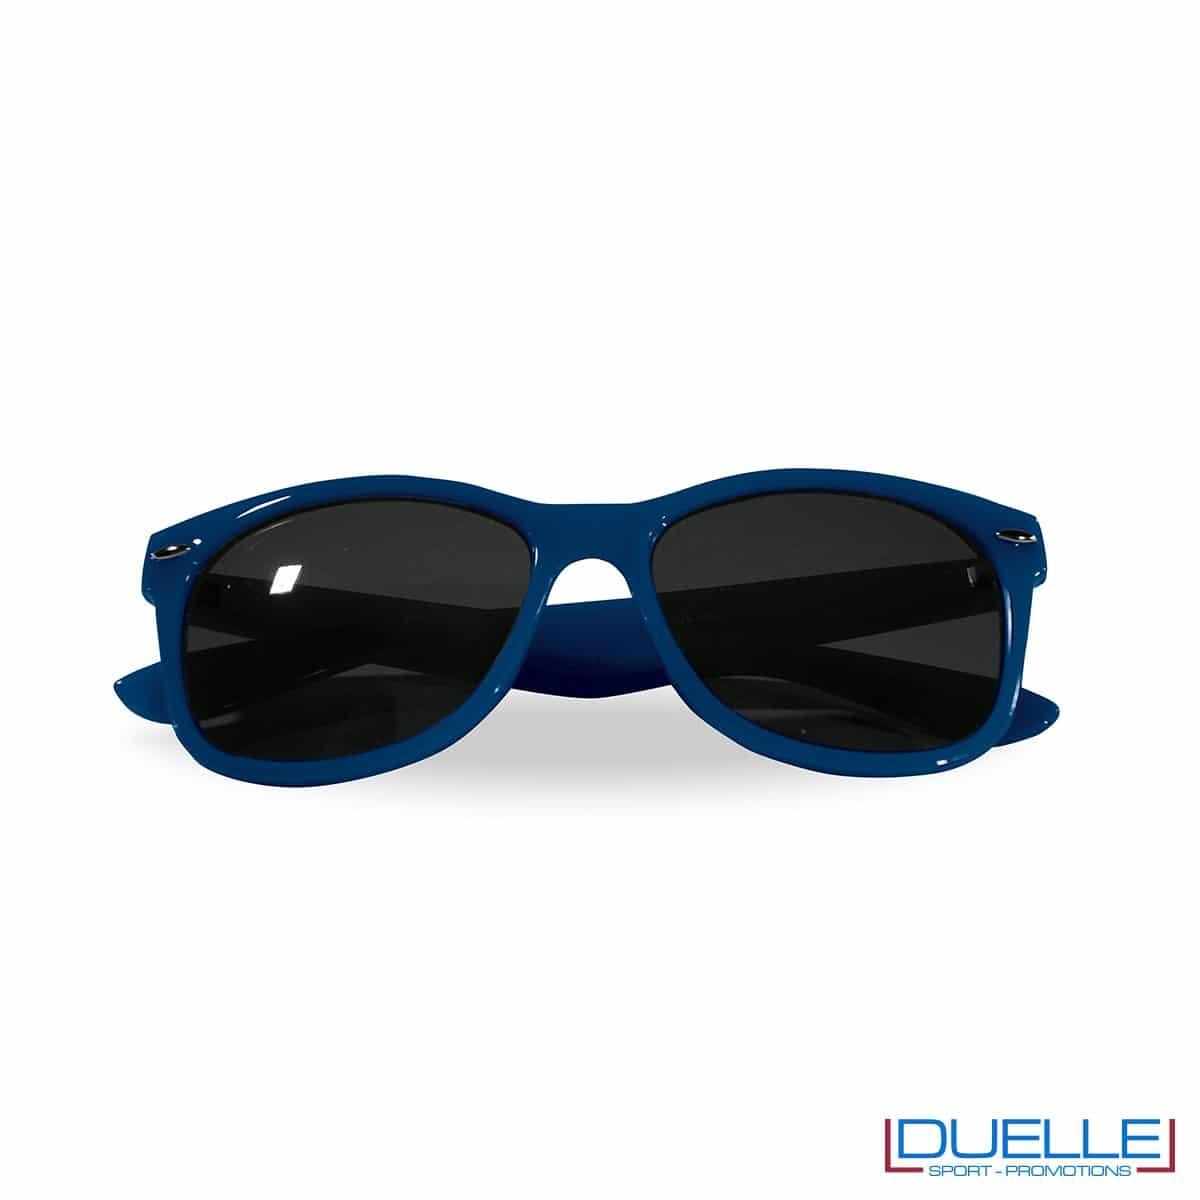 occhiali da sole personalizzati colore rosso, gadget estate personalizzati colore blu